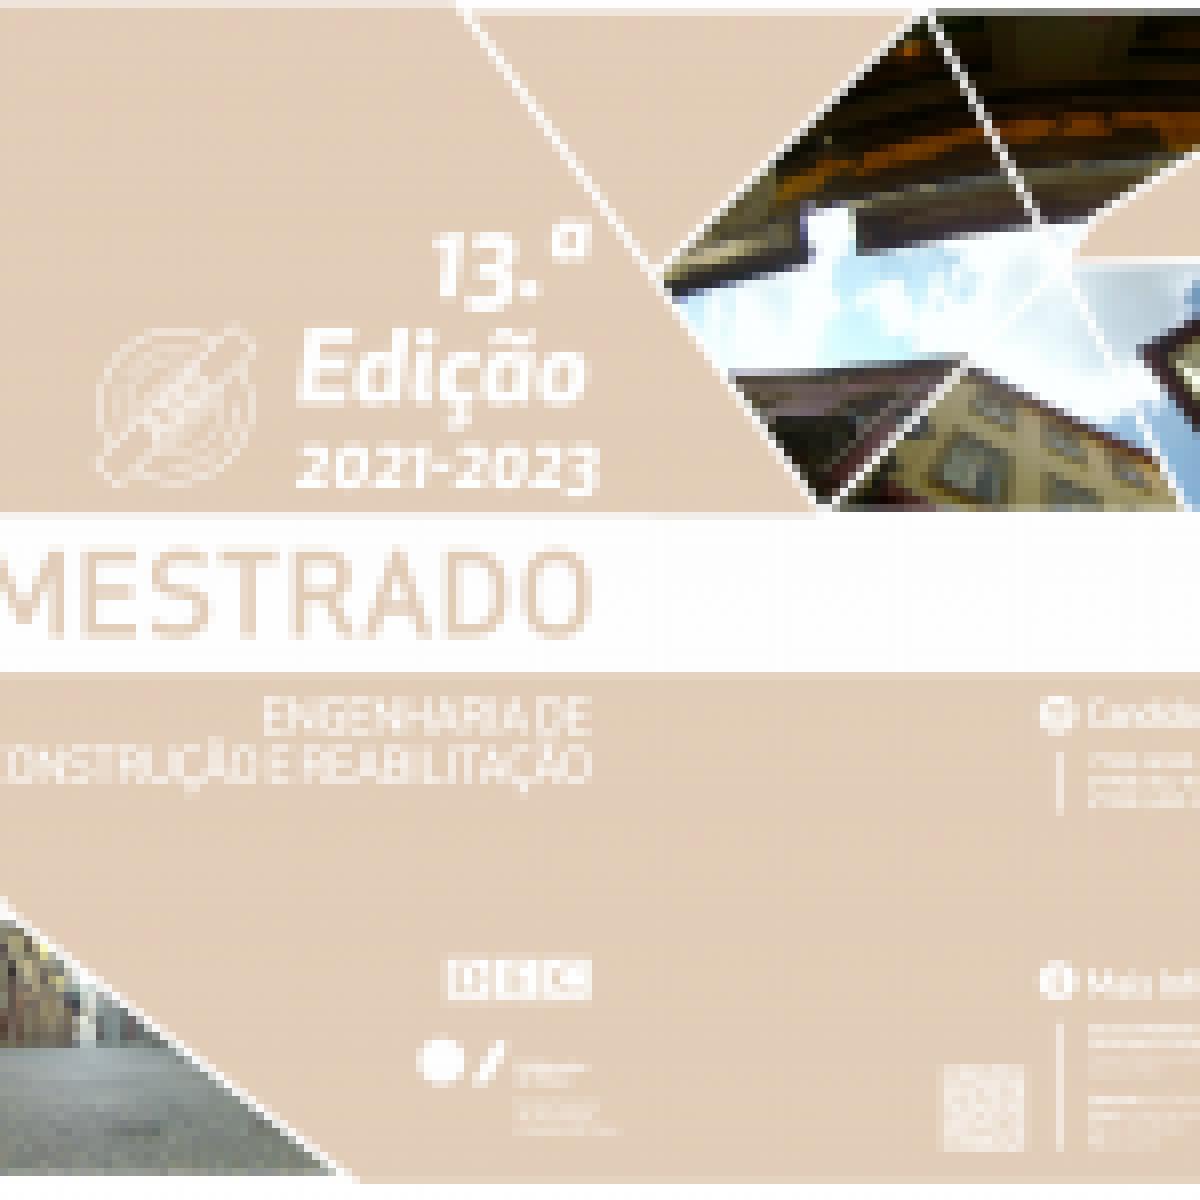 13.ª Edição do Curso de Mestrado em Engenharia de Construção e Reabilitação